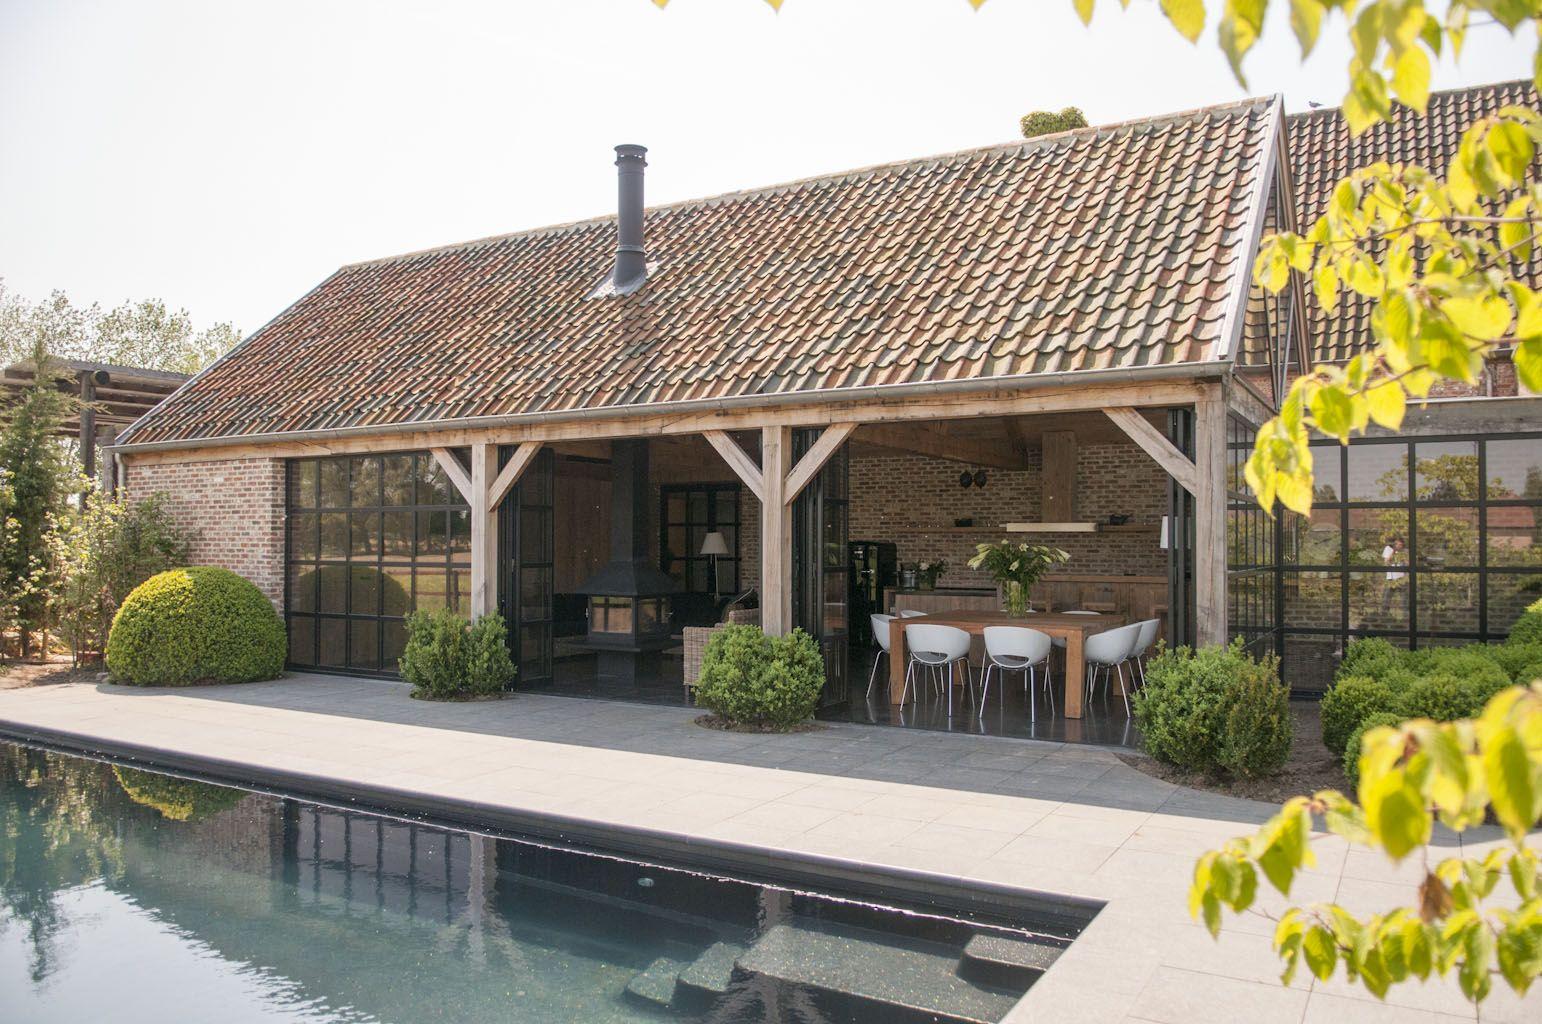 landelijke terrasoverkapping in hout houten bijgebouwen klassieke houten bijgebouwen. Black Bedroom Furniture Sets. Home Design Ideas